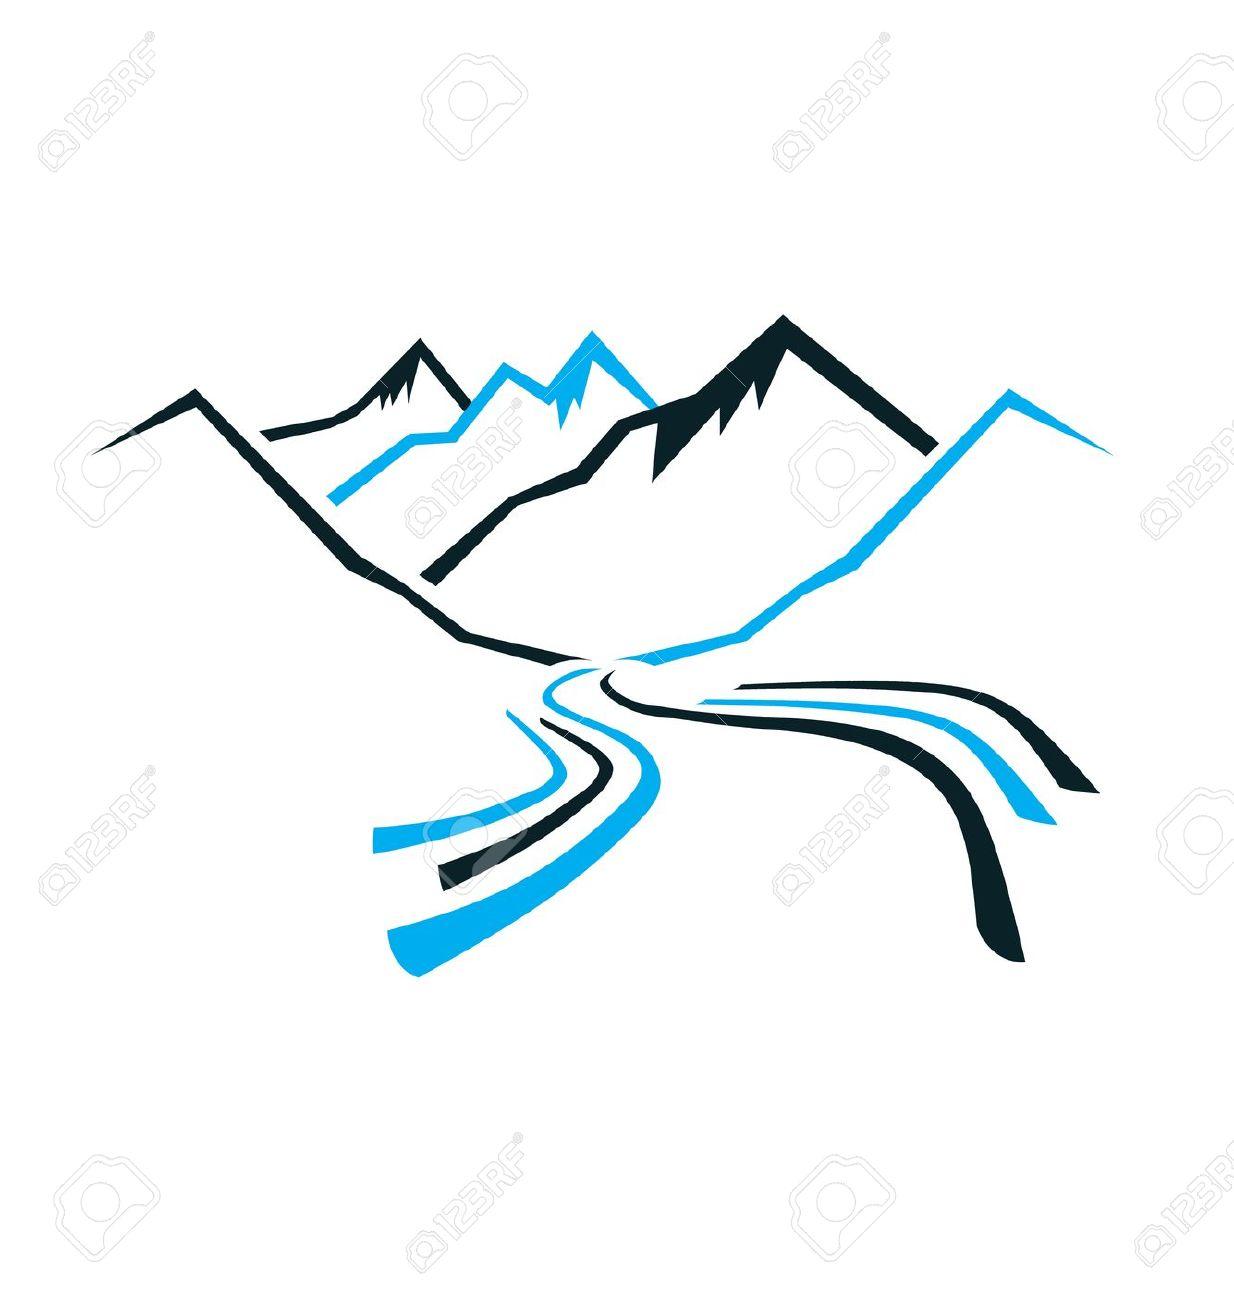 River clipart mountain logo #4